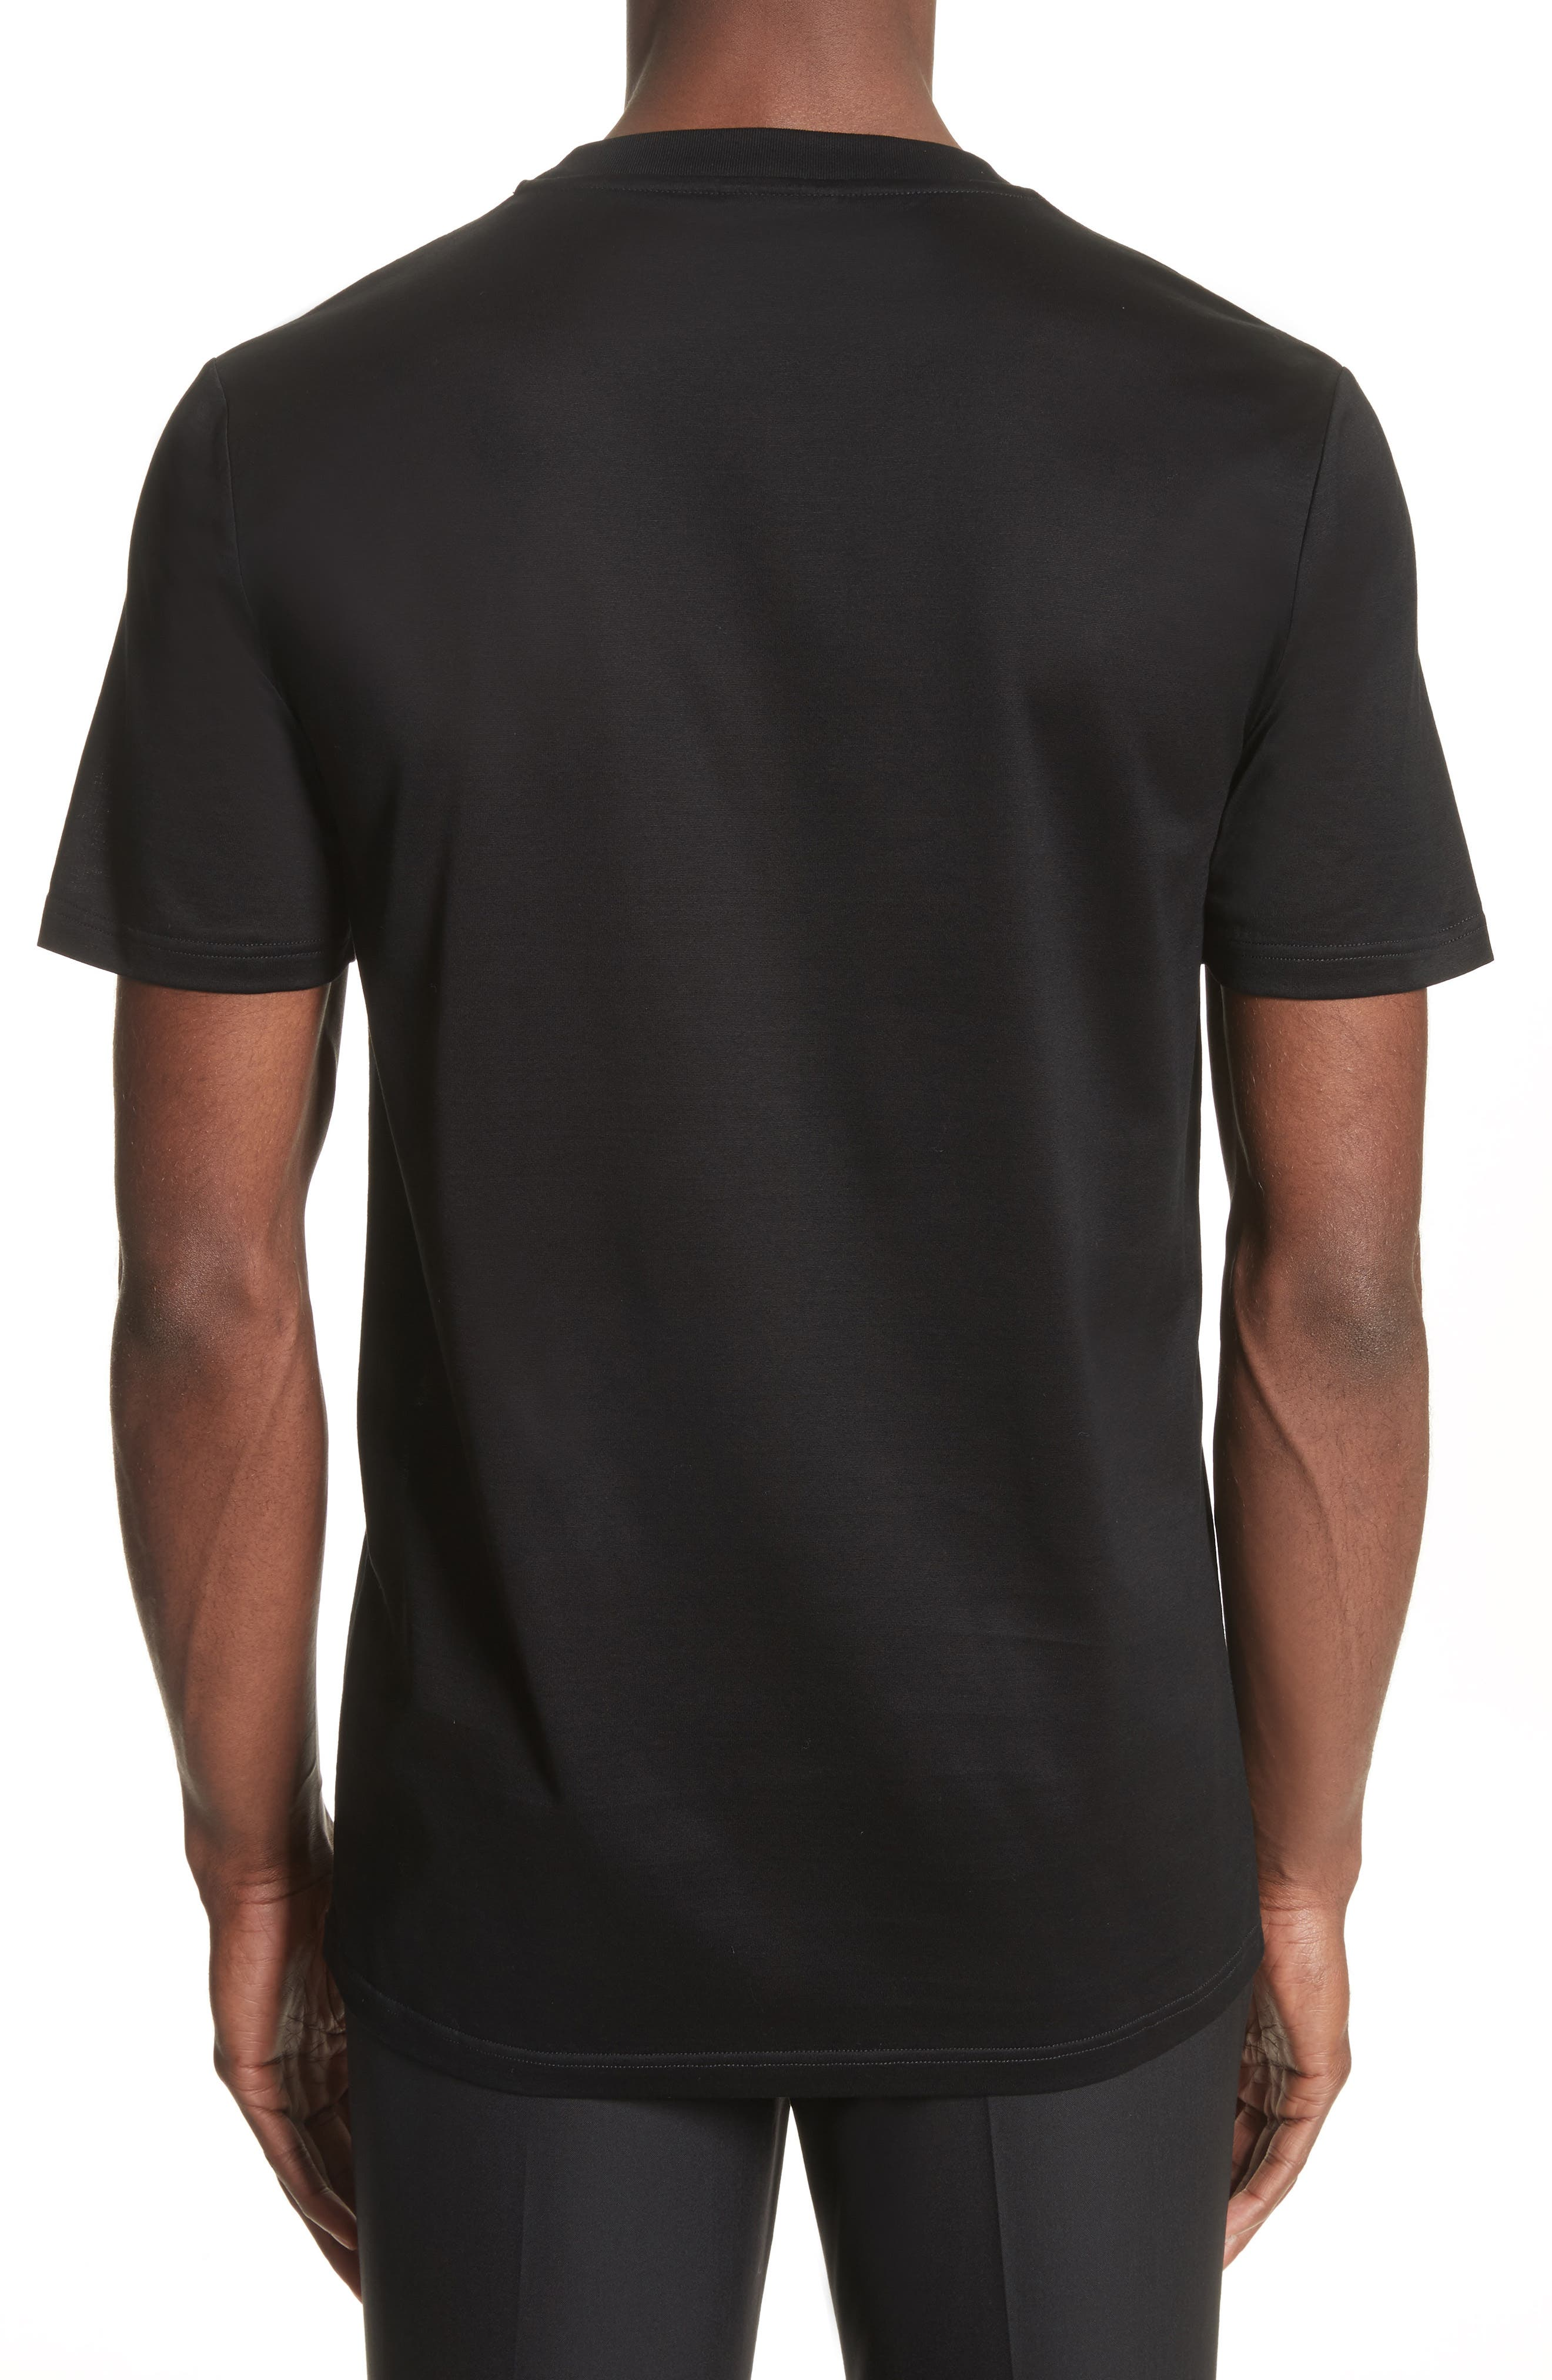 L Pocket T-Shirt,                             Alternate thumbnail 2, color,                             001